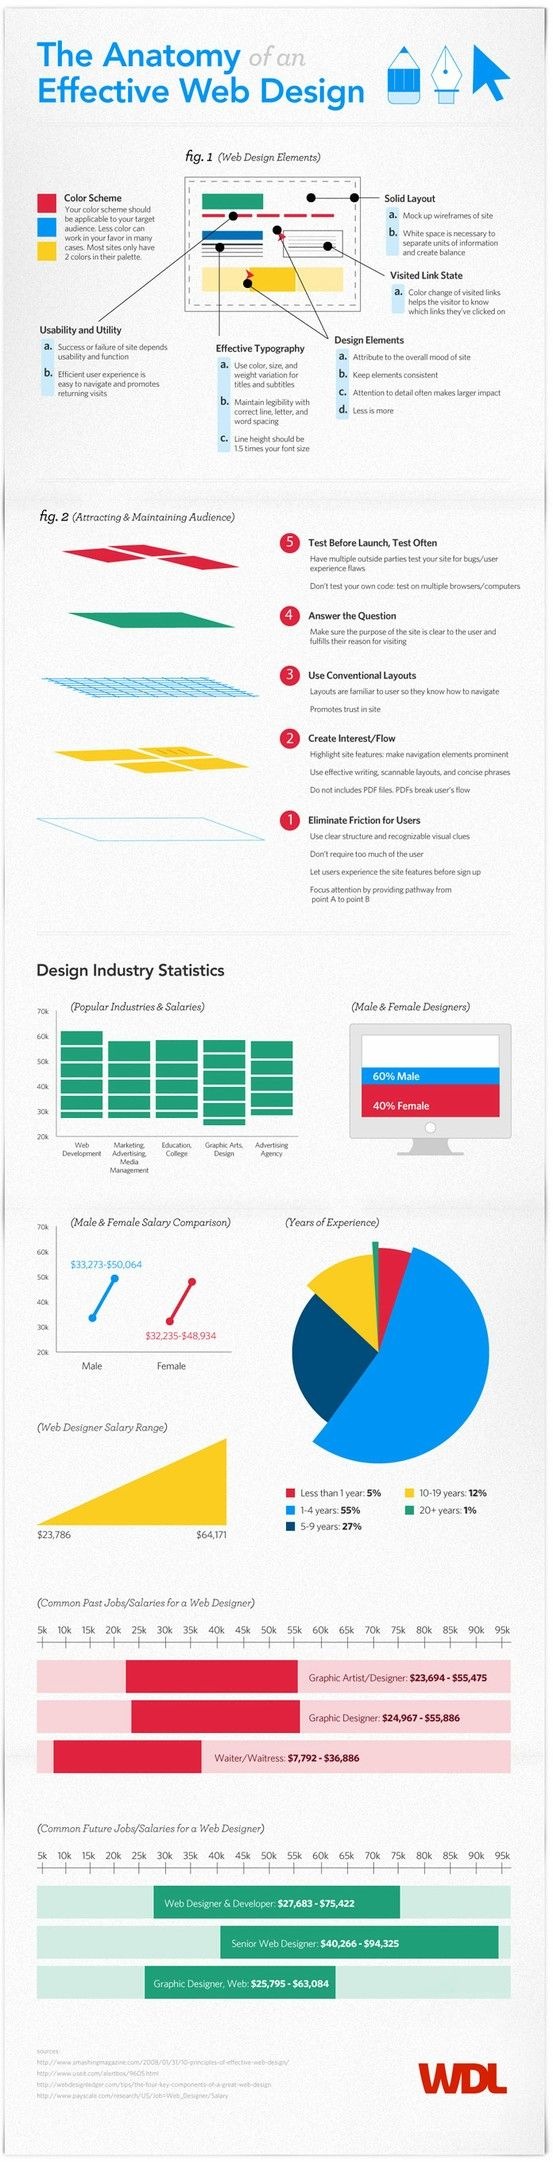 Anatomia de un diseño Web efectivo [eng] #infografia